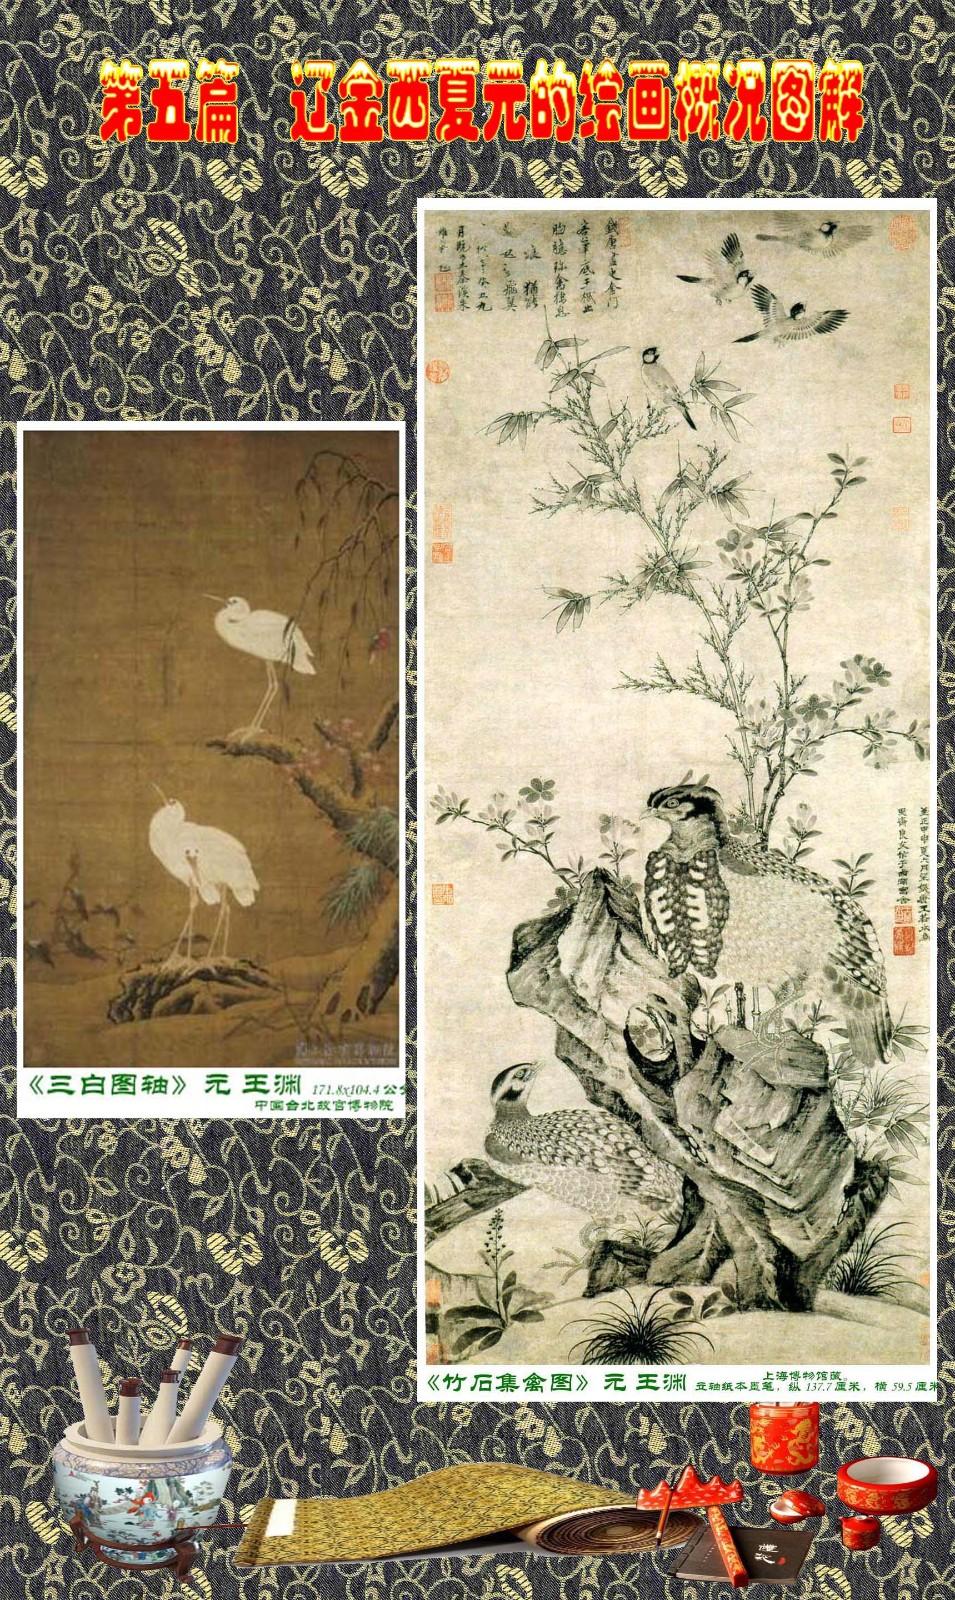 顾绍骅编辑 中国画知识普及版 第五篇 辽金西夏元的绘画概况 下 ... ..._图1-64